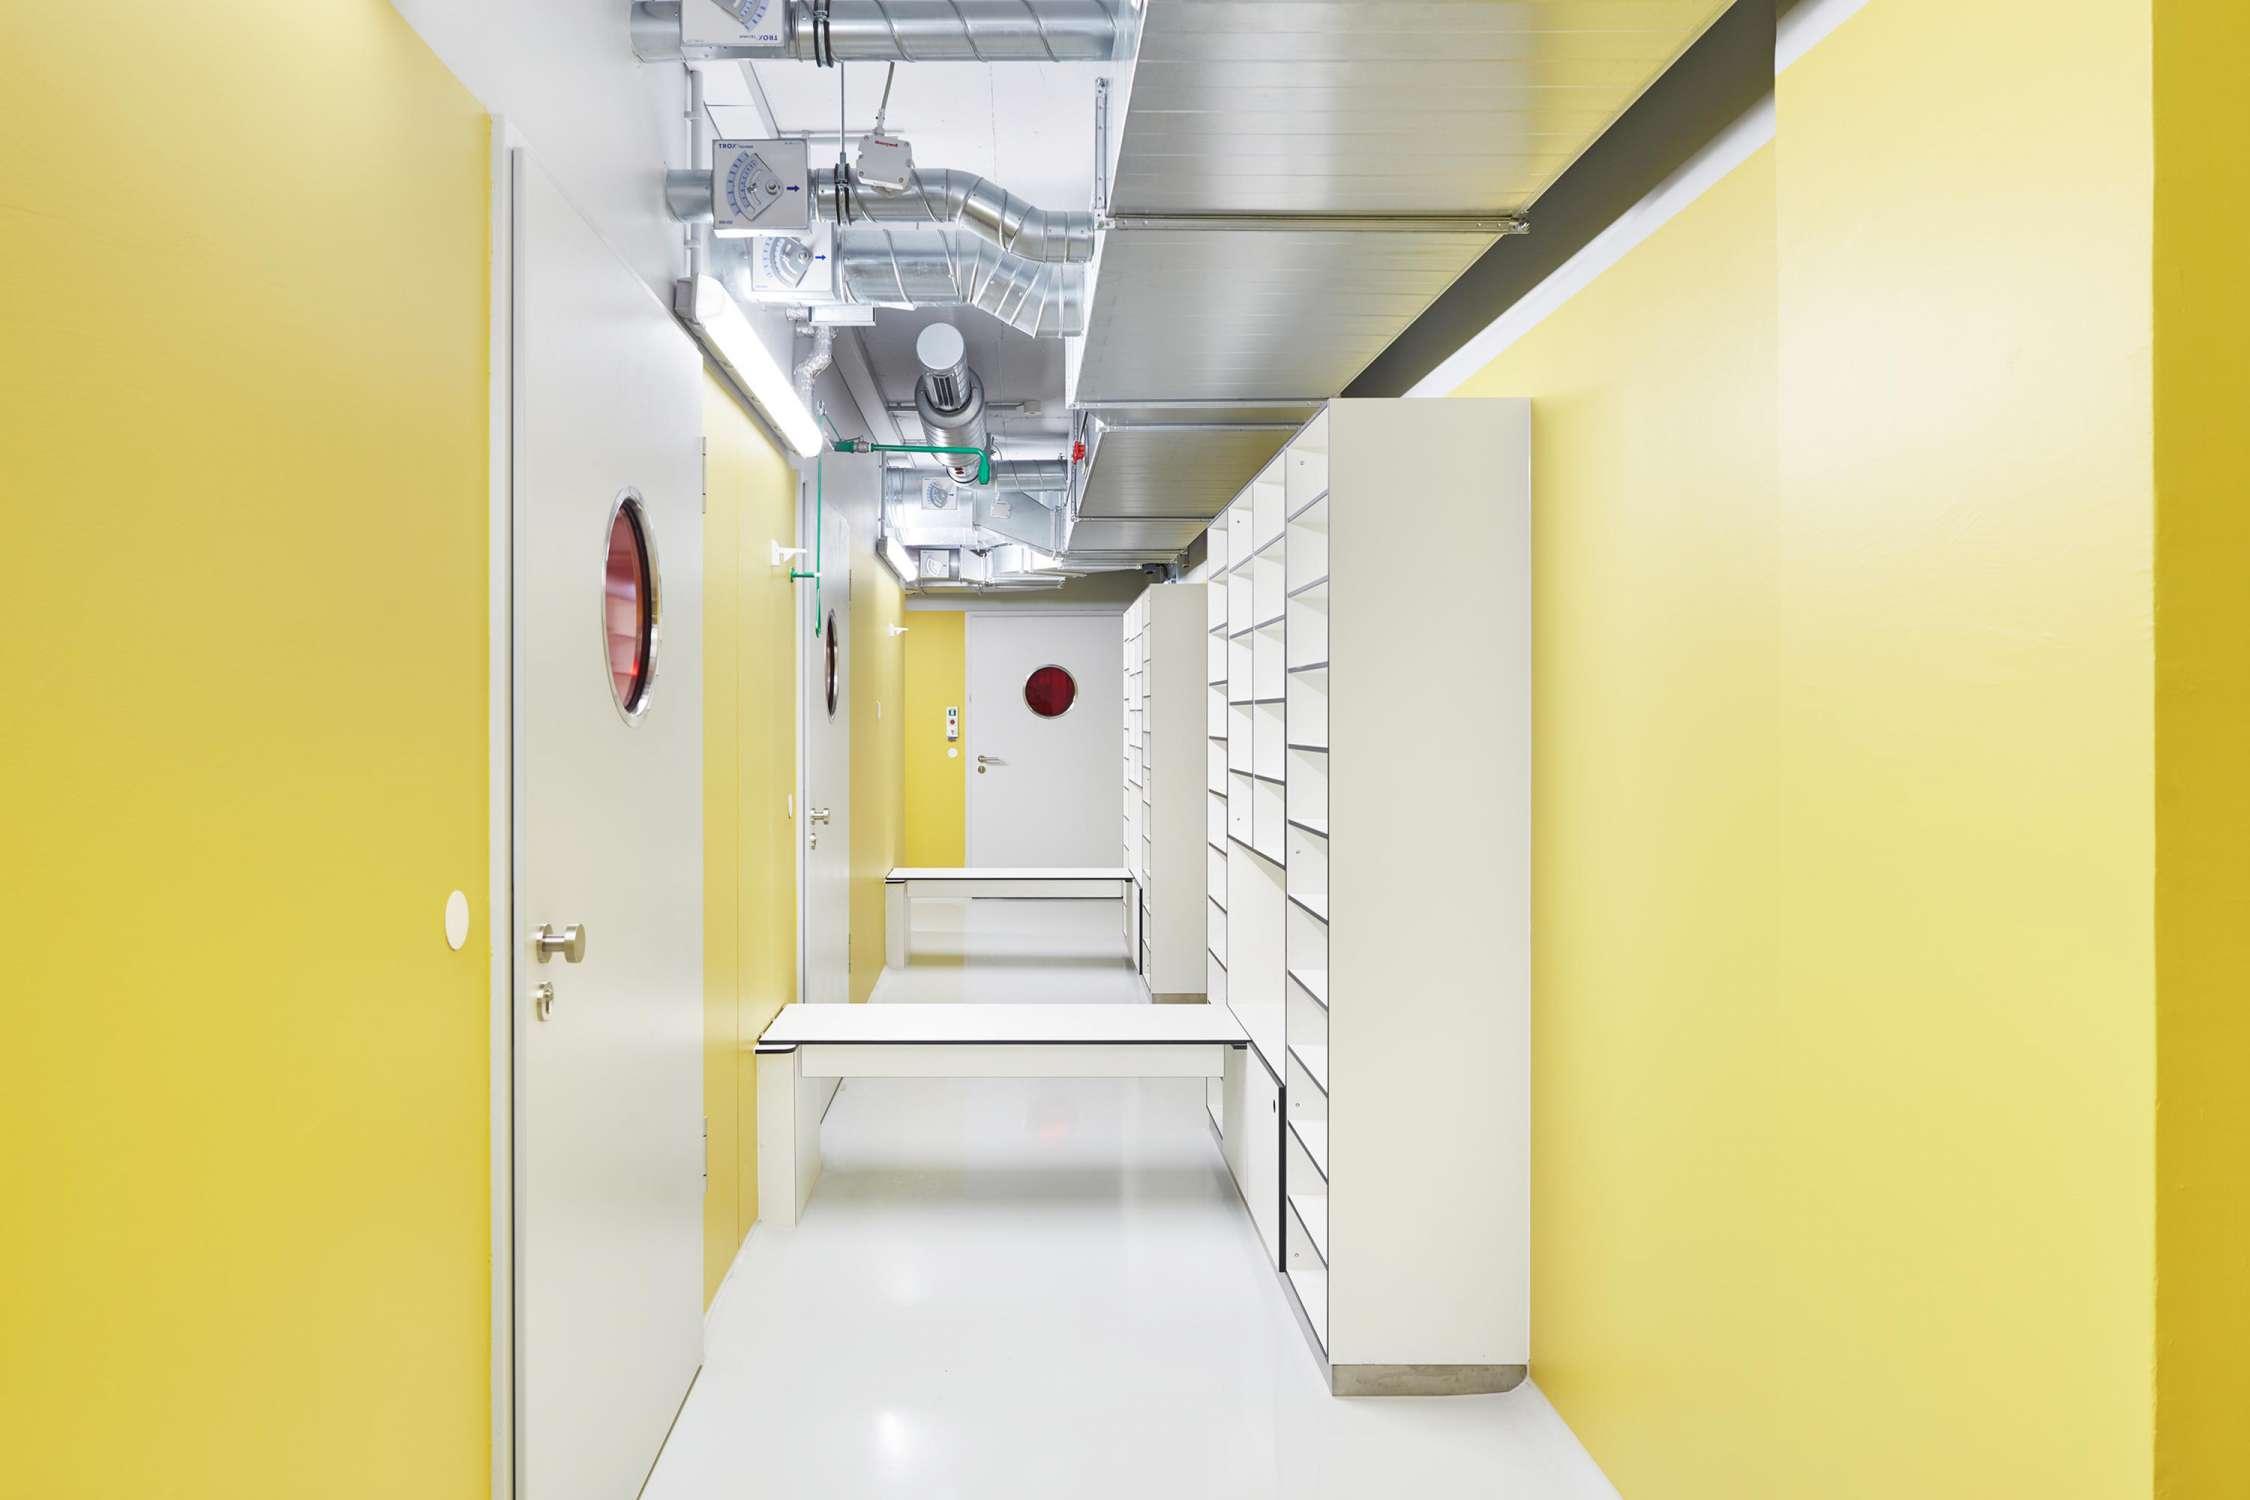 Forschungsflächen im Friedrich-Miescher-Laboratorium (3)